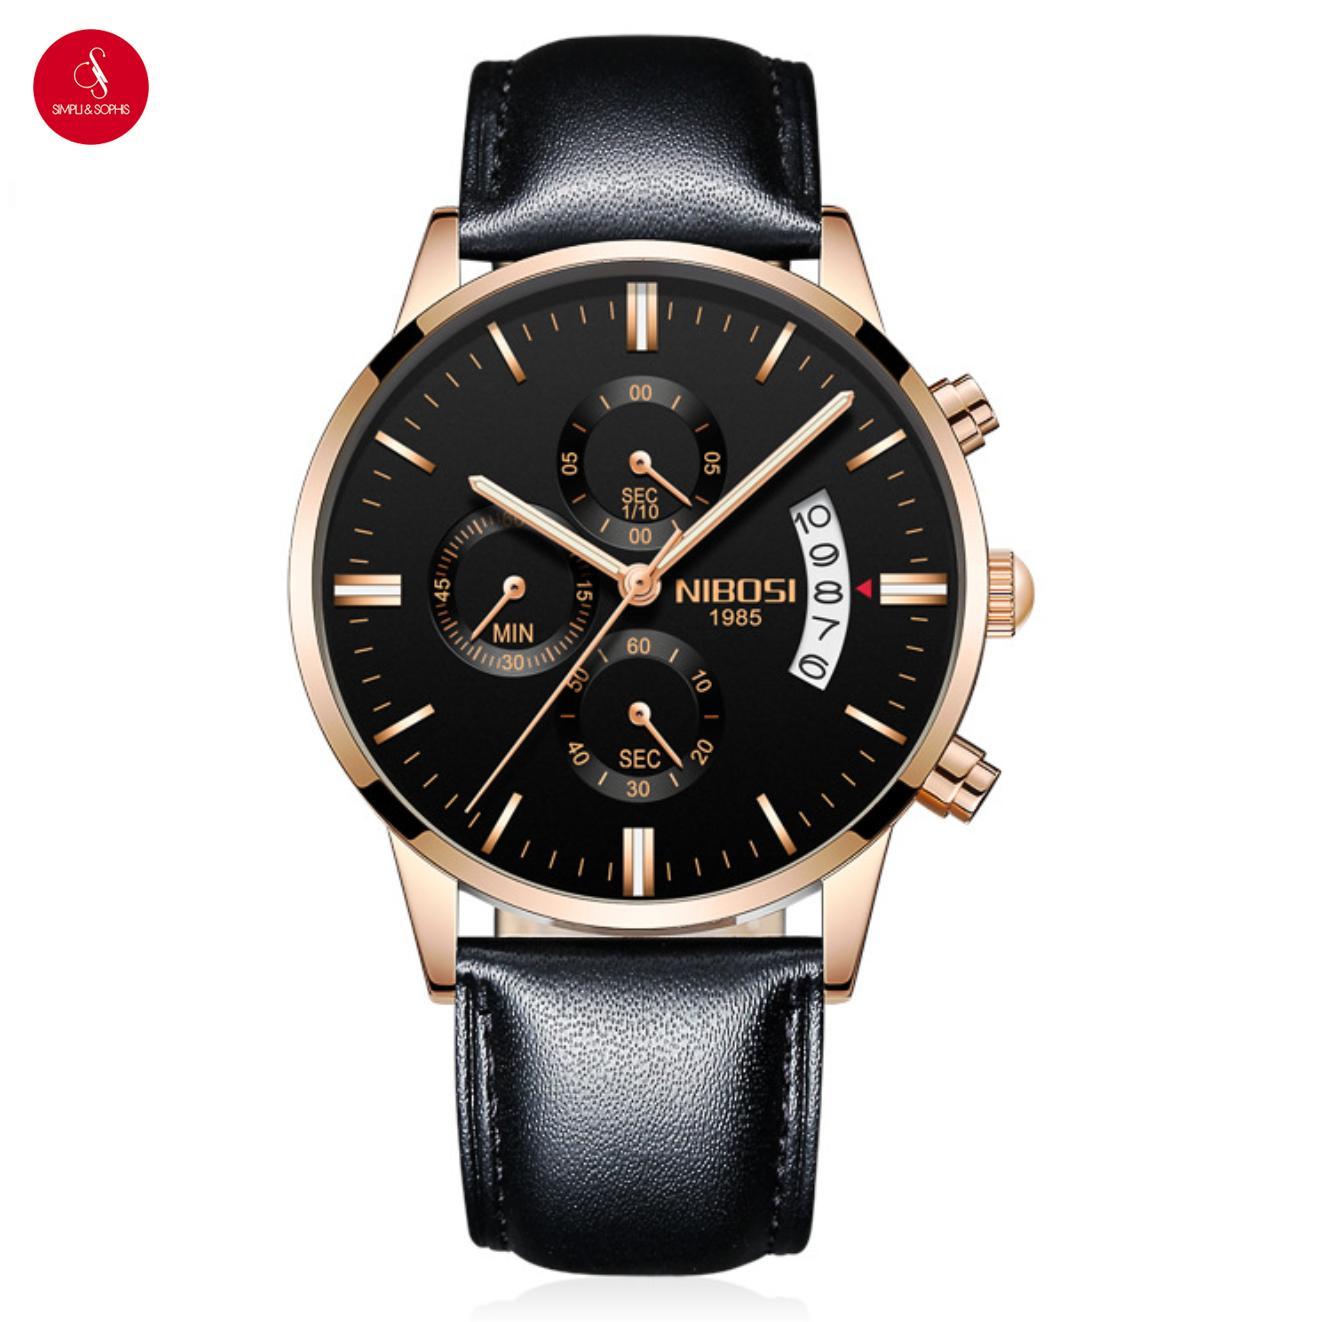 Nơi bán Đồng hồ nam NIBOSI 2309 cap cấp 43mm (Đen vàng dây da) + Tặng hộp đựng đồng hồ thời trang & Pin